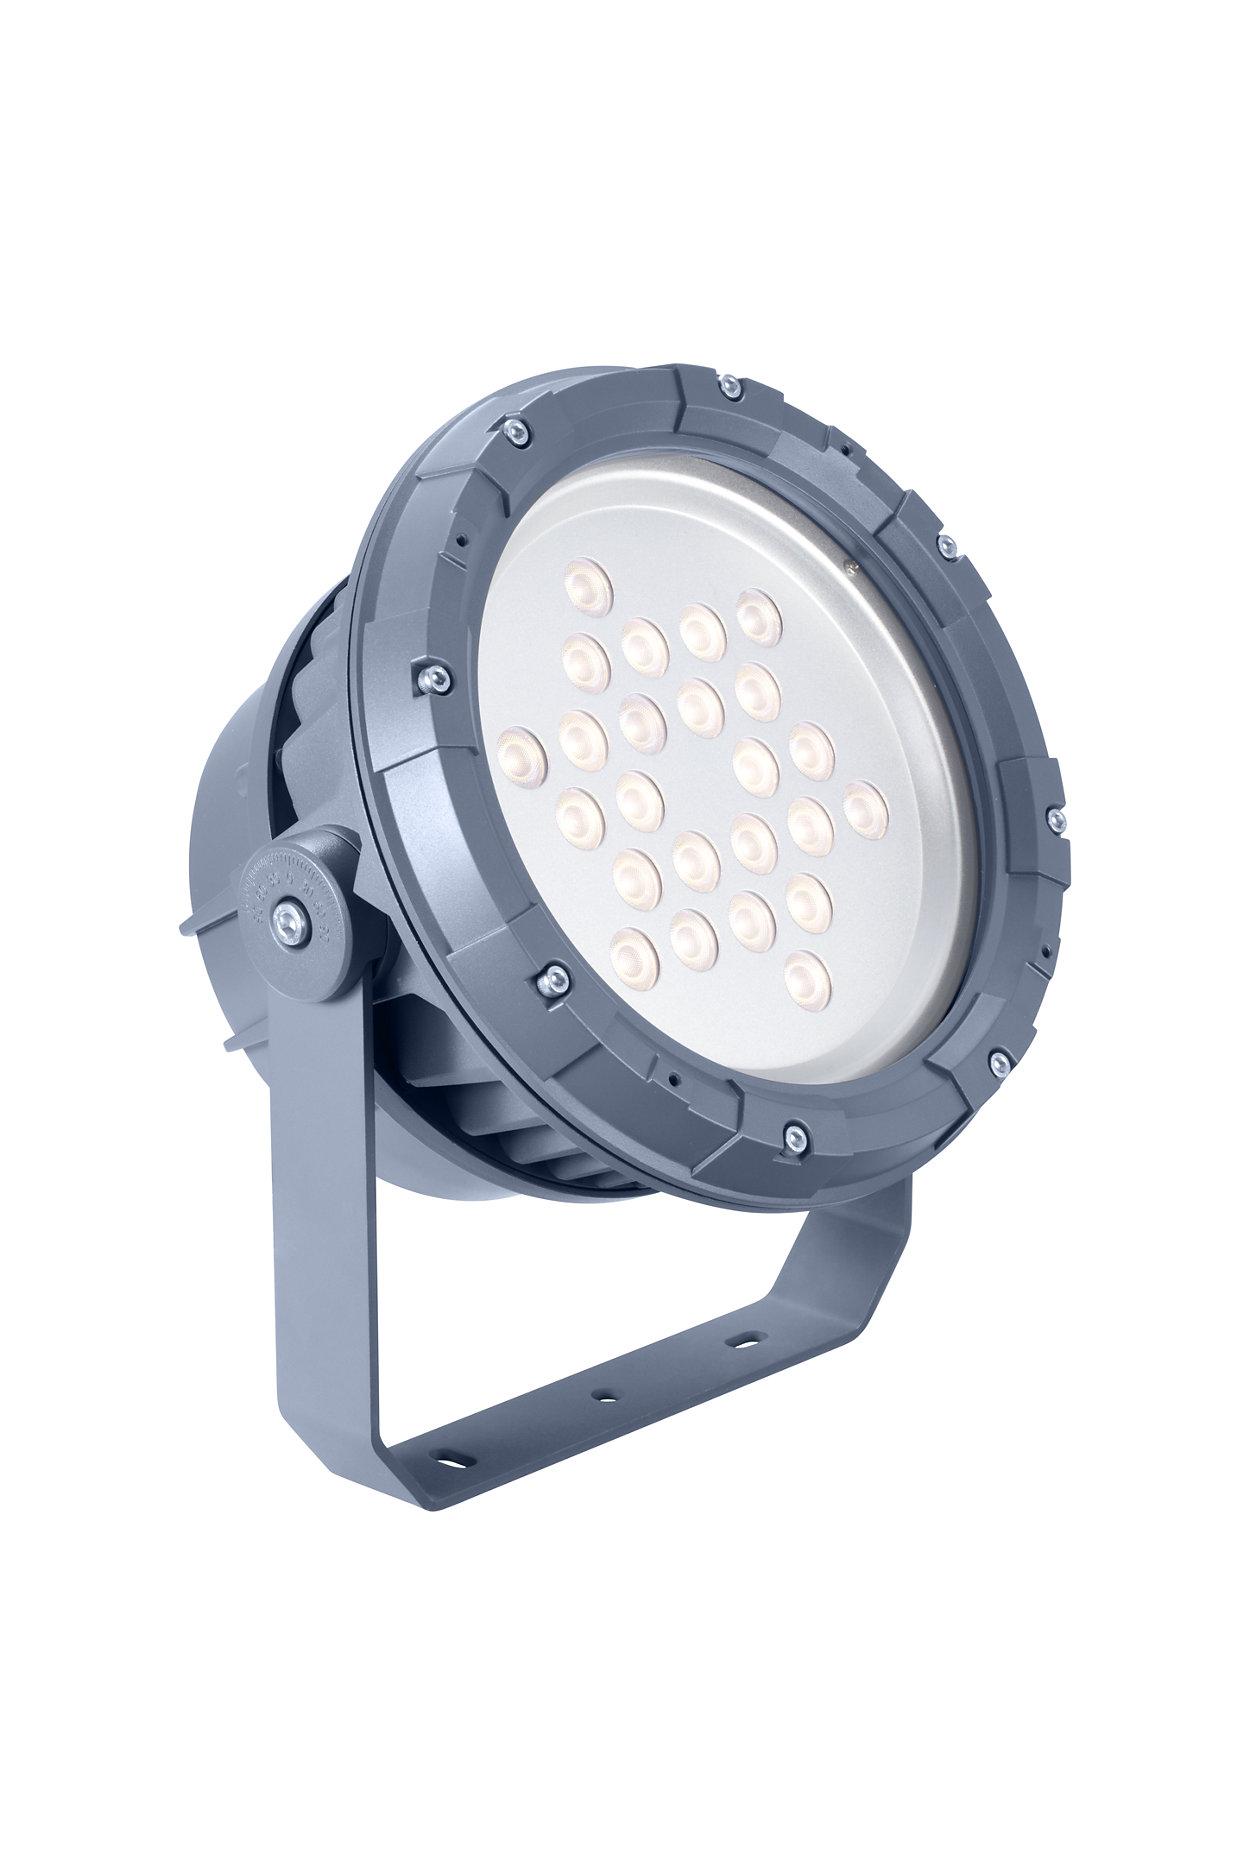 建築 LED 投射燈,固定或動態照明適用。